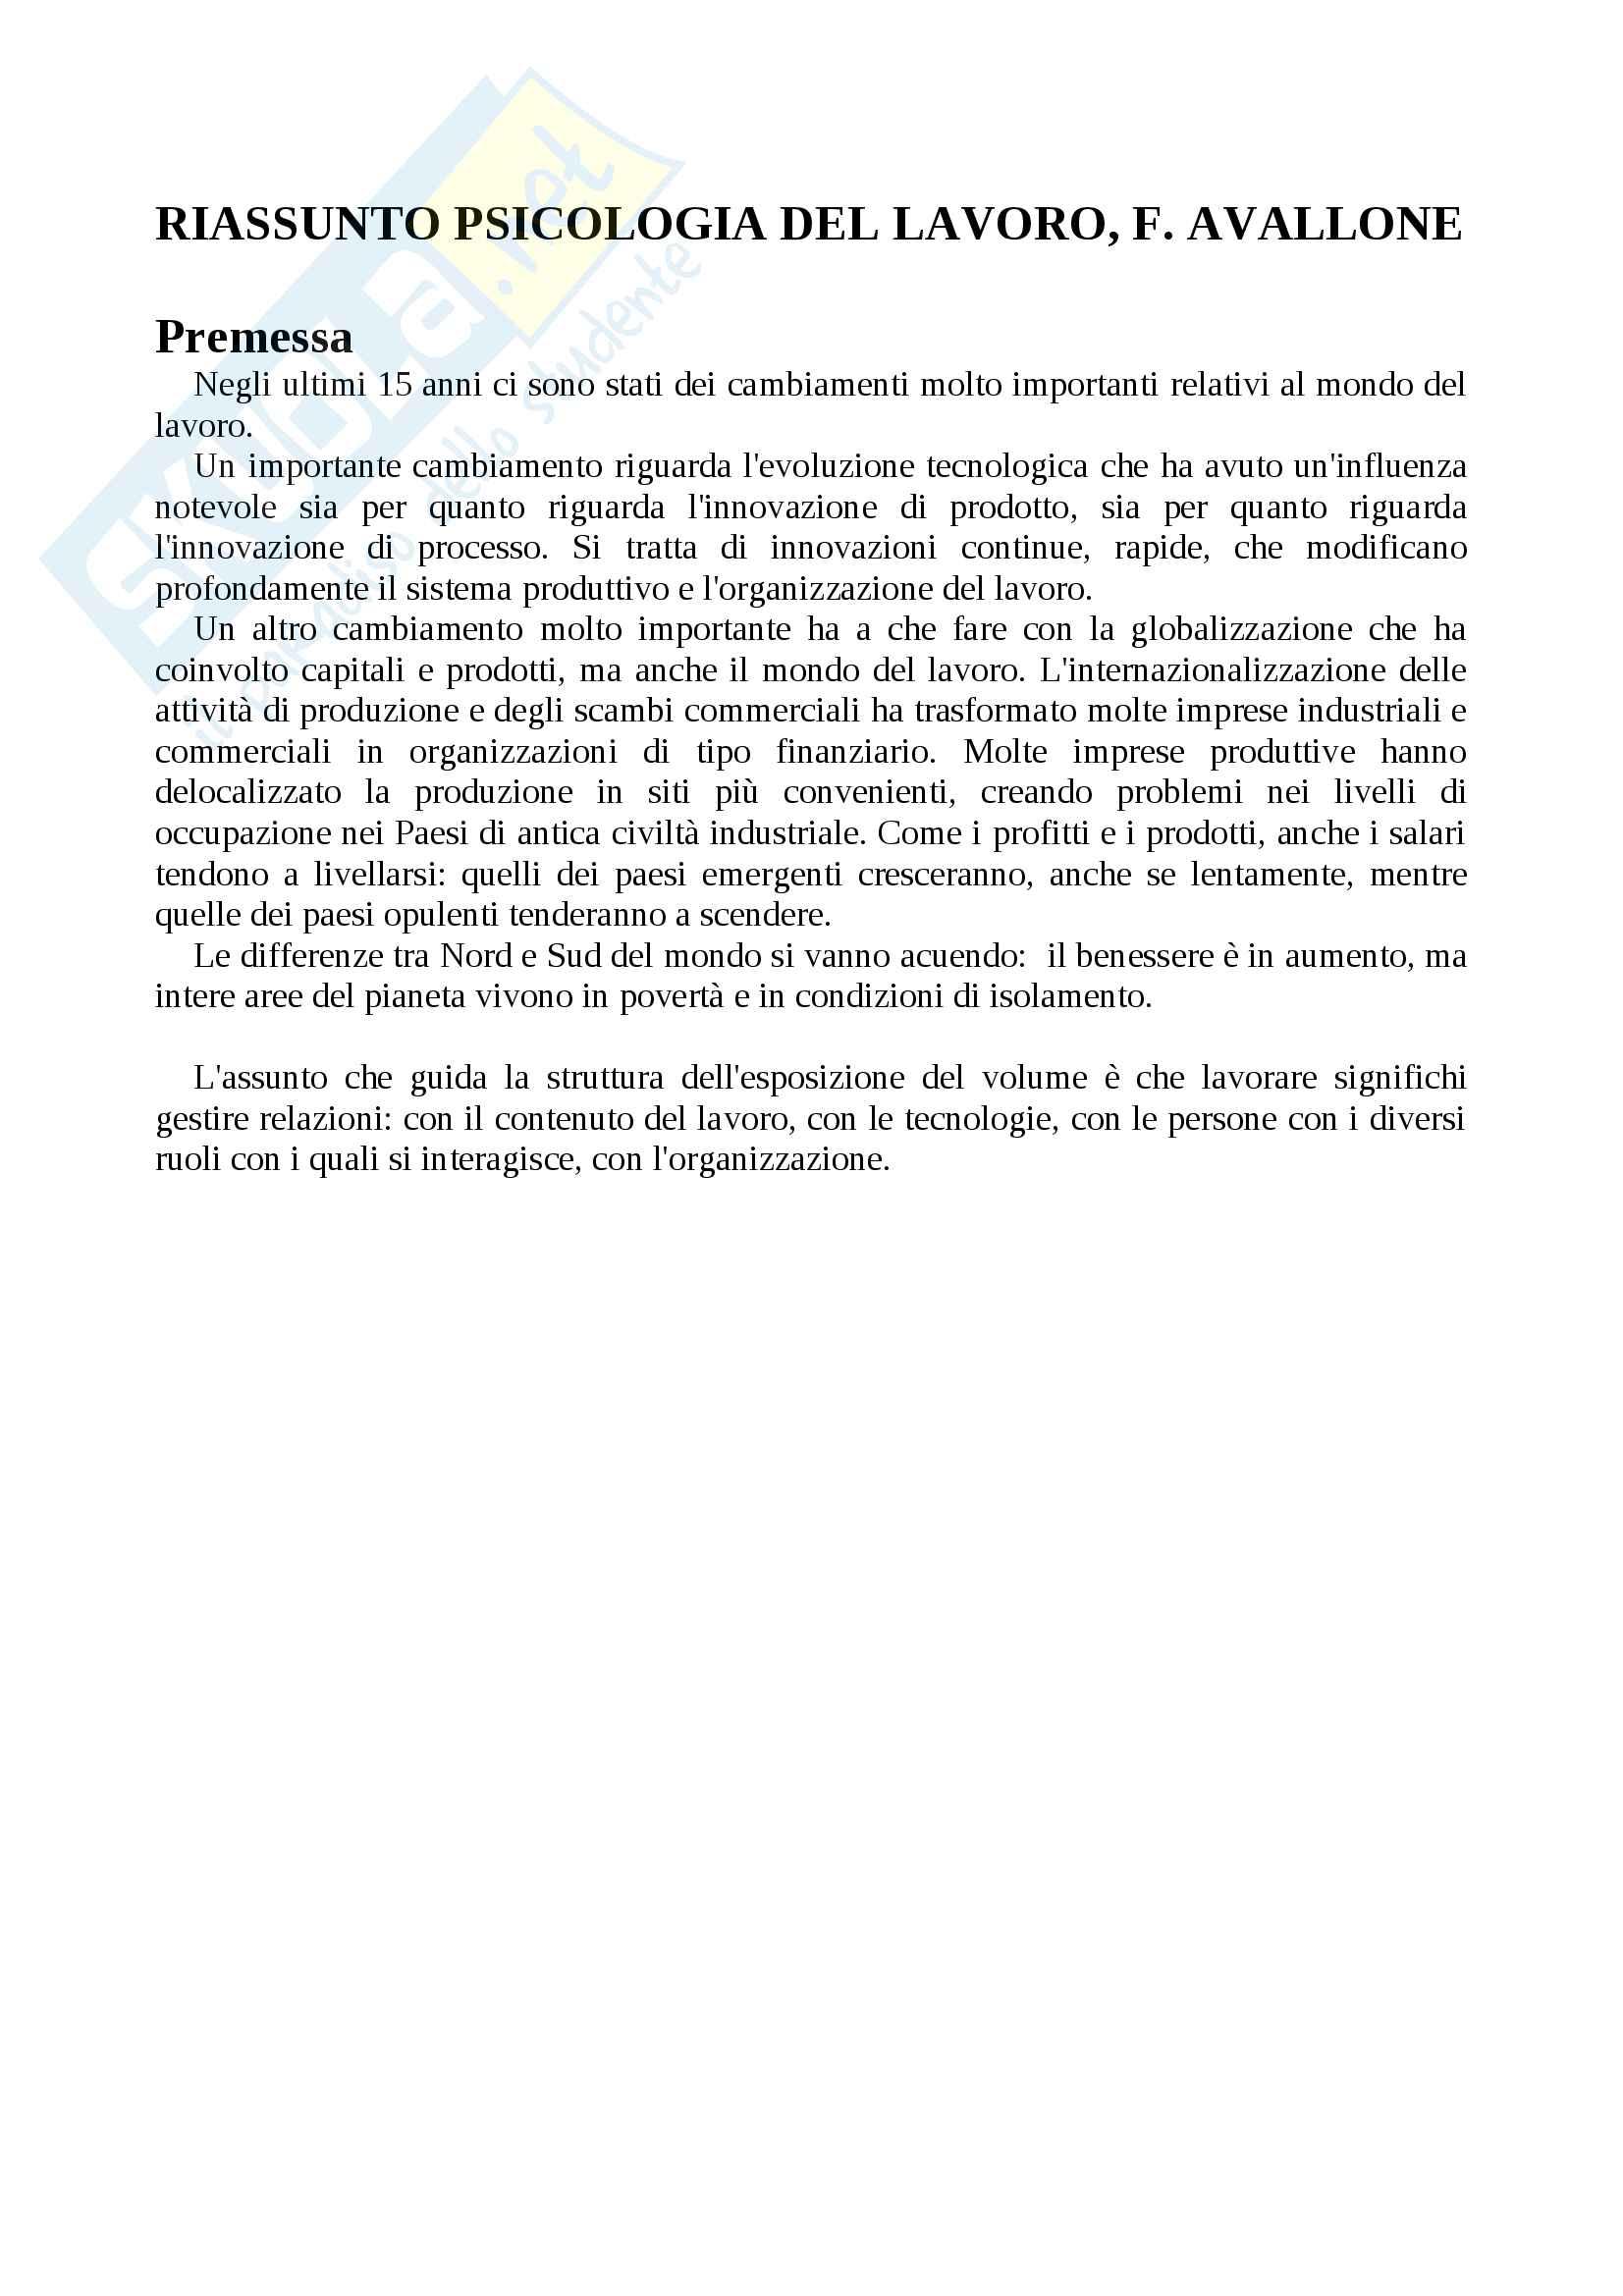 Riassunto esame psicologia del lavoro, prof. Avallone, testo consigliato Psicologia del lavoro, Avallone